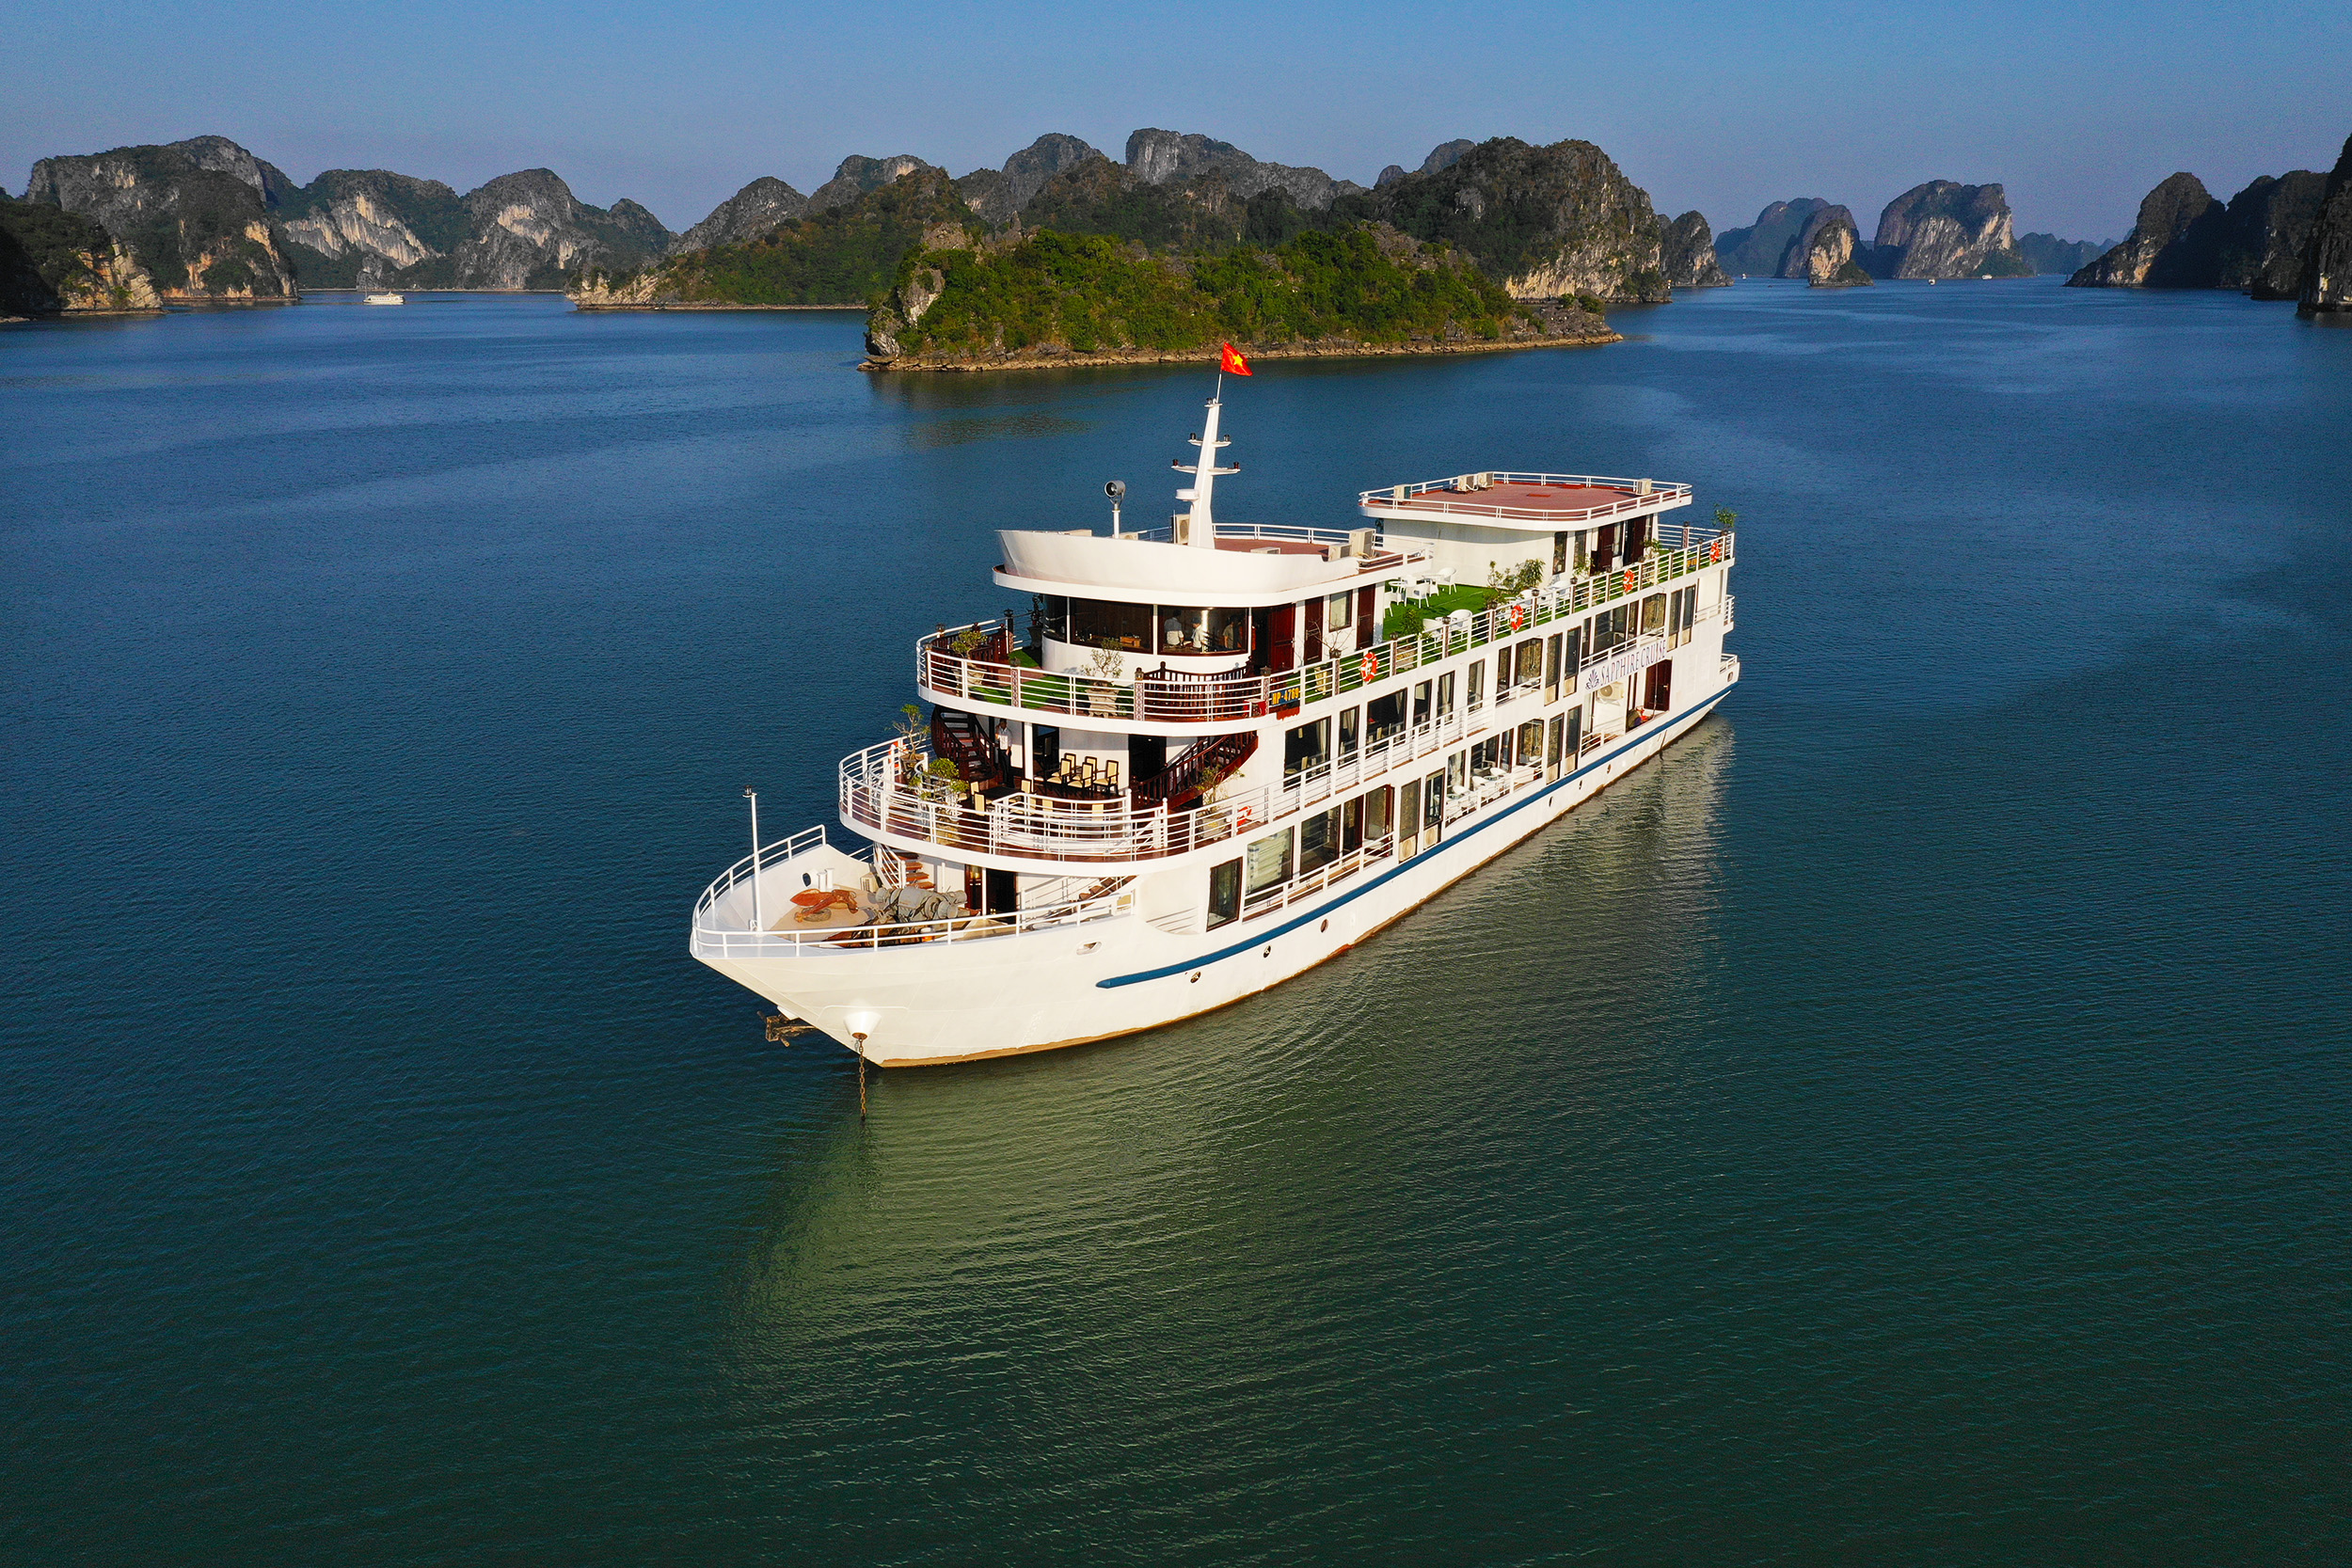 Du Lịch  trên tàu Sapphire  Cruise 3 ngày 2 đêm